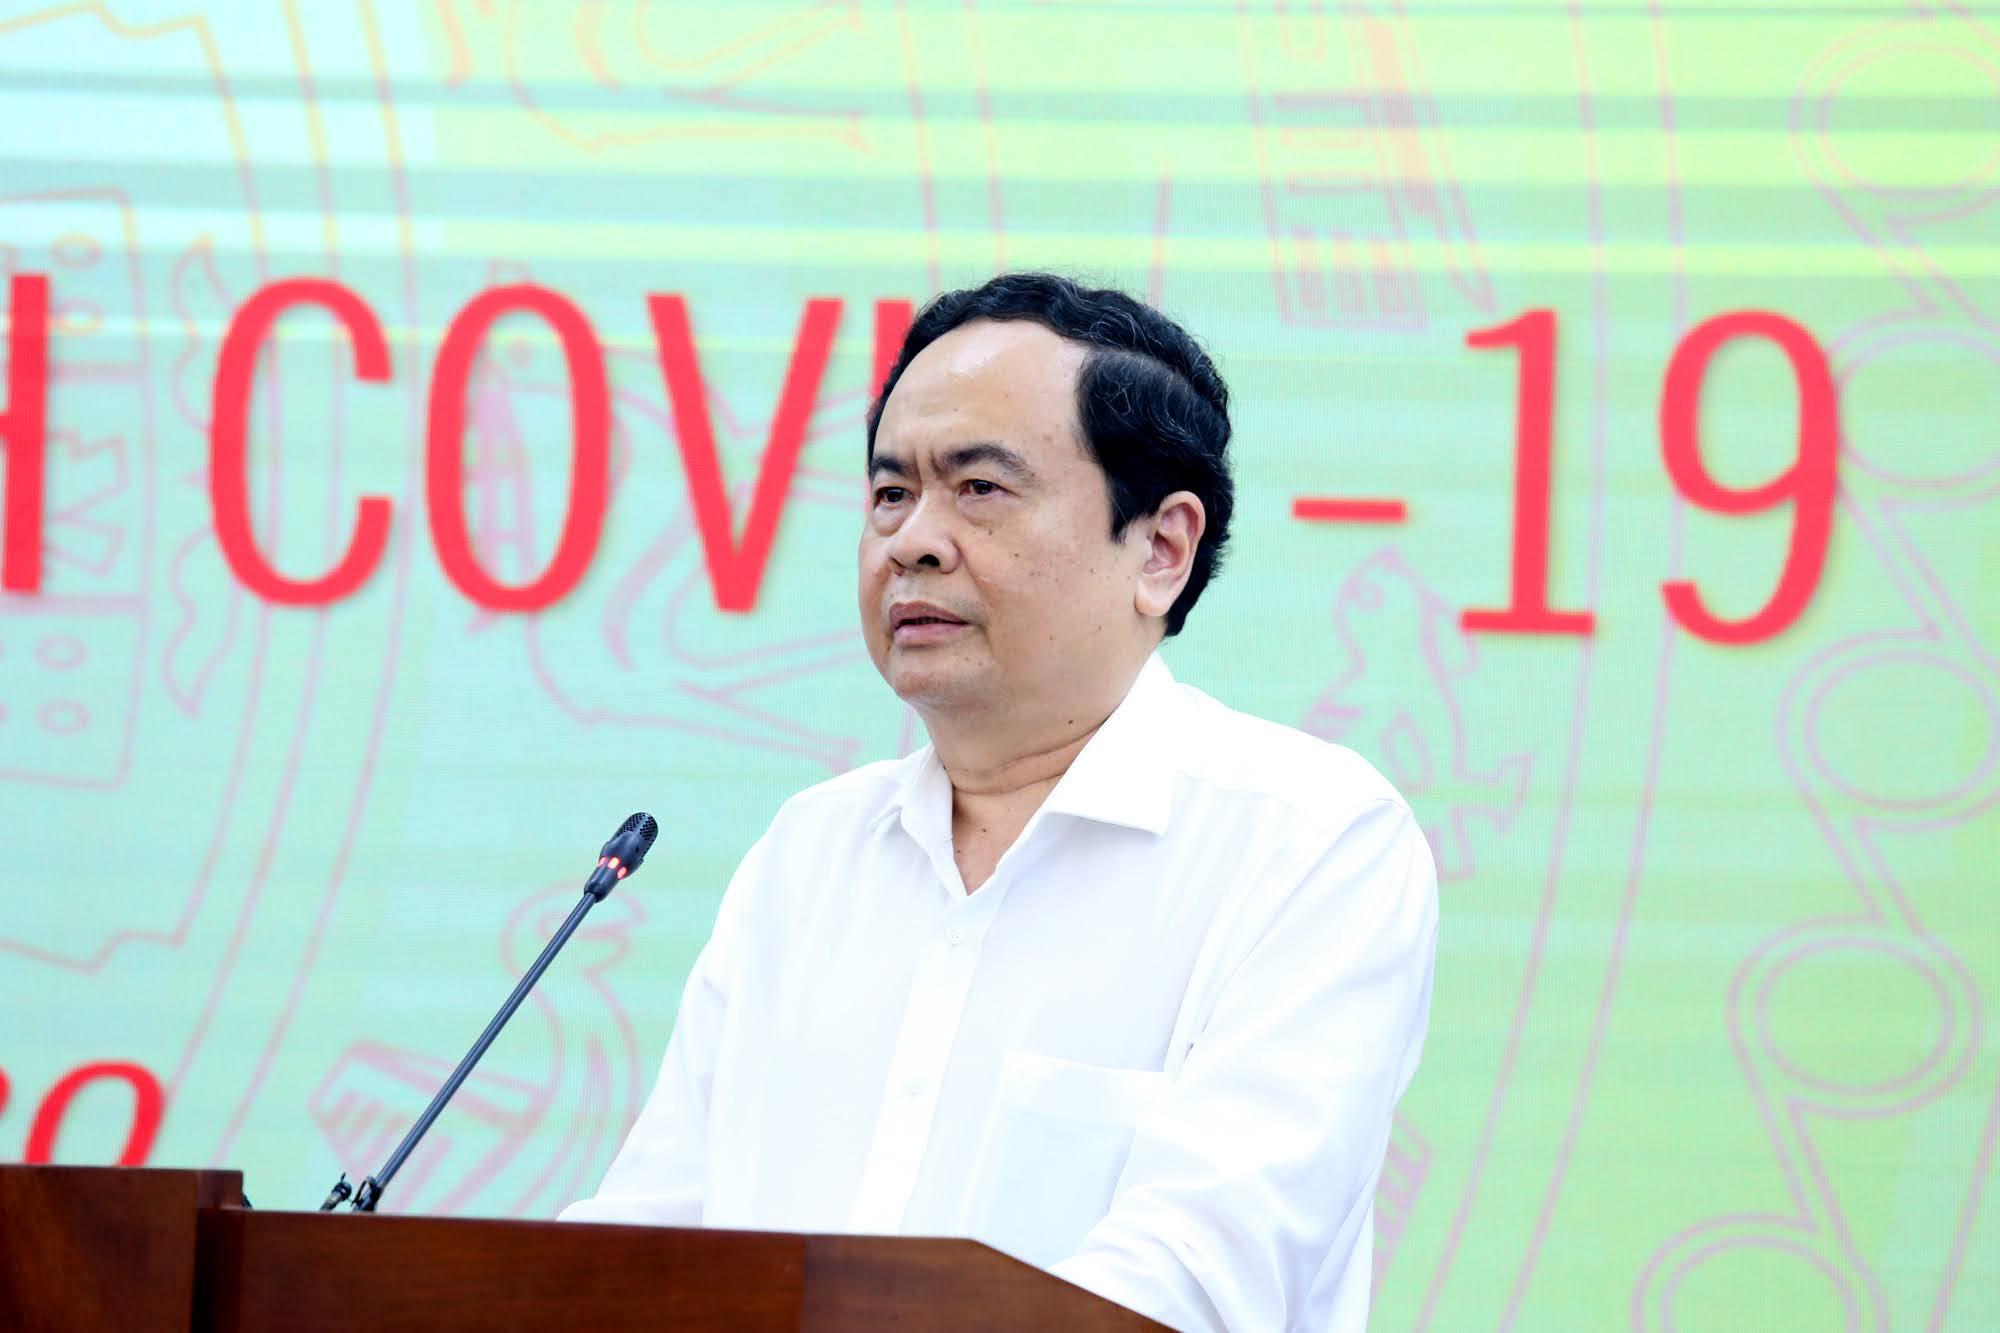 Chủ tịch Ủy ban Trung ương MTTQ Việt Nam Trần Thanh Mẫn phát biểu. Ảnh: VGP/Nguyễn Hoàng